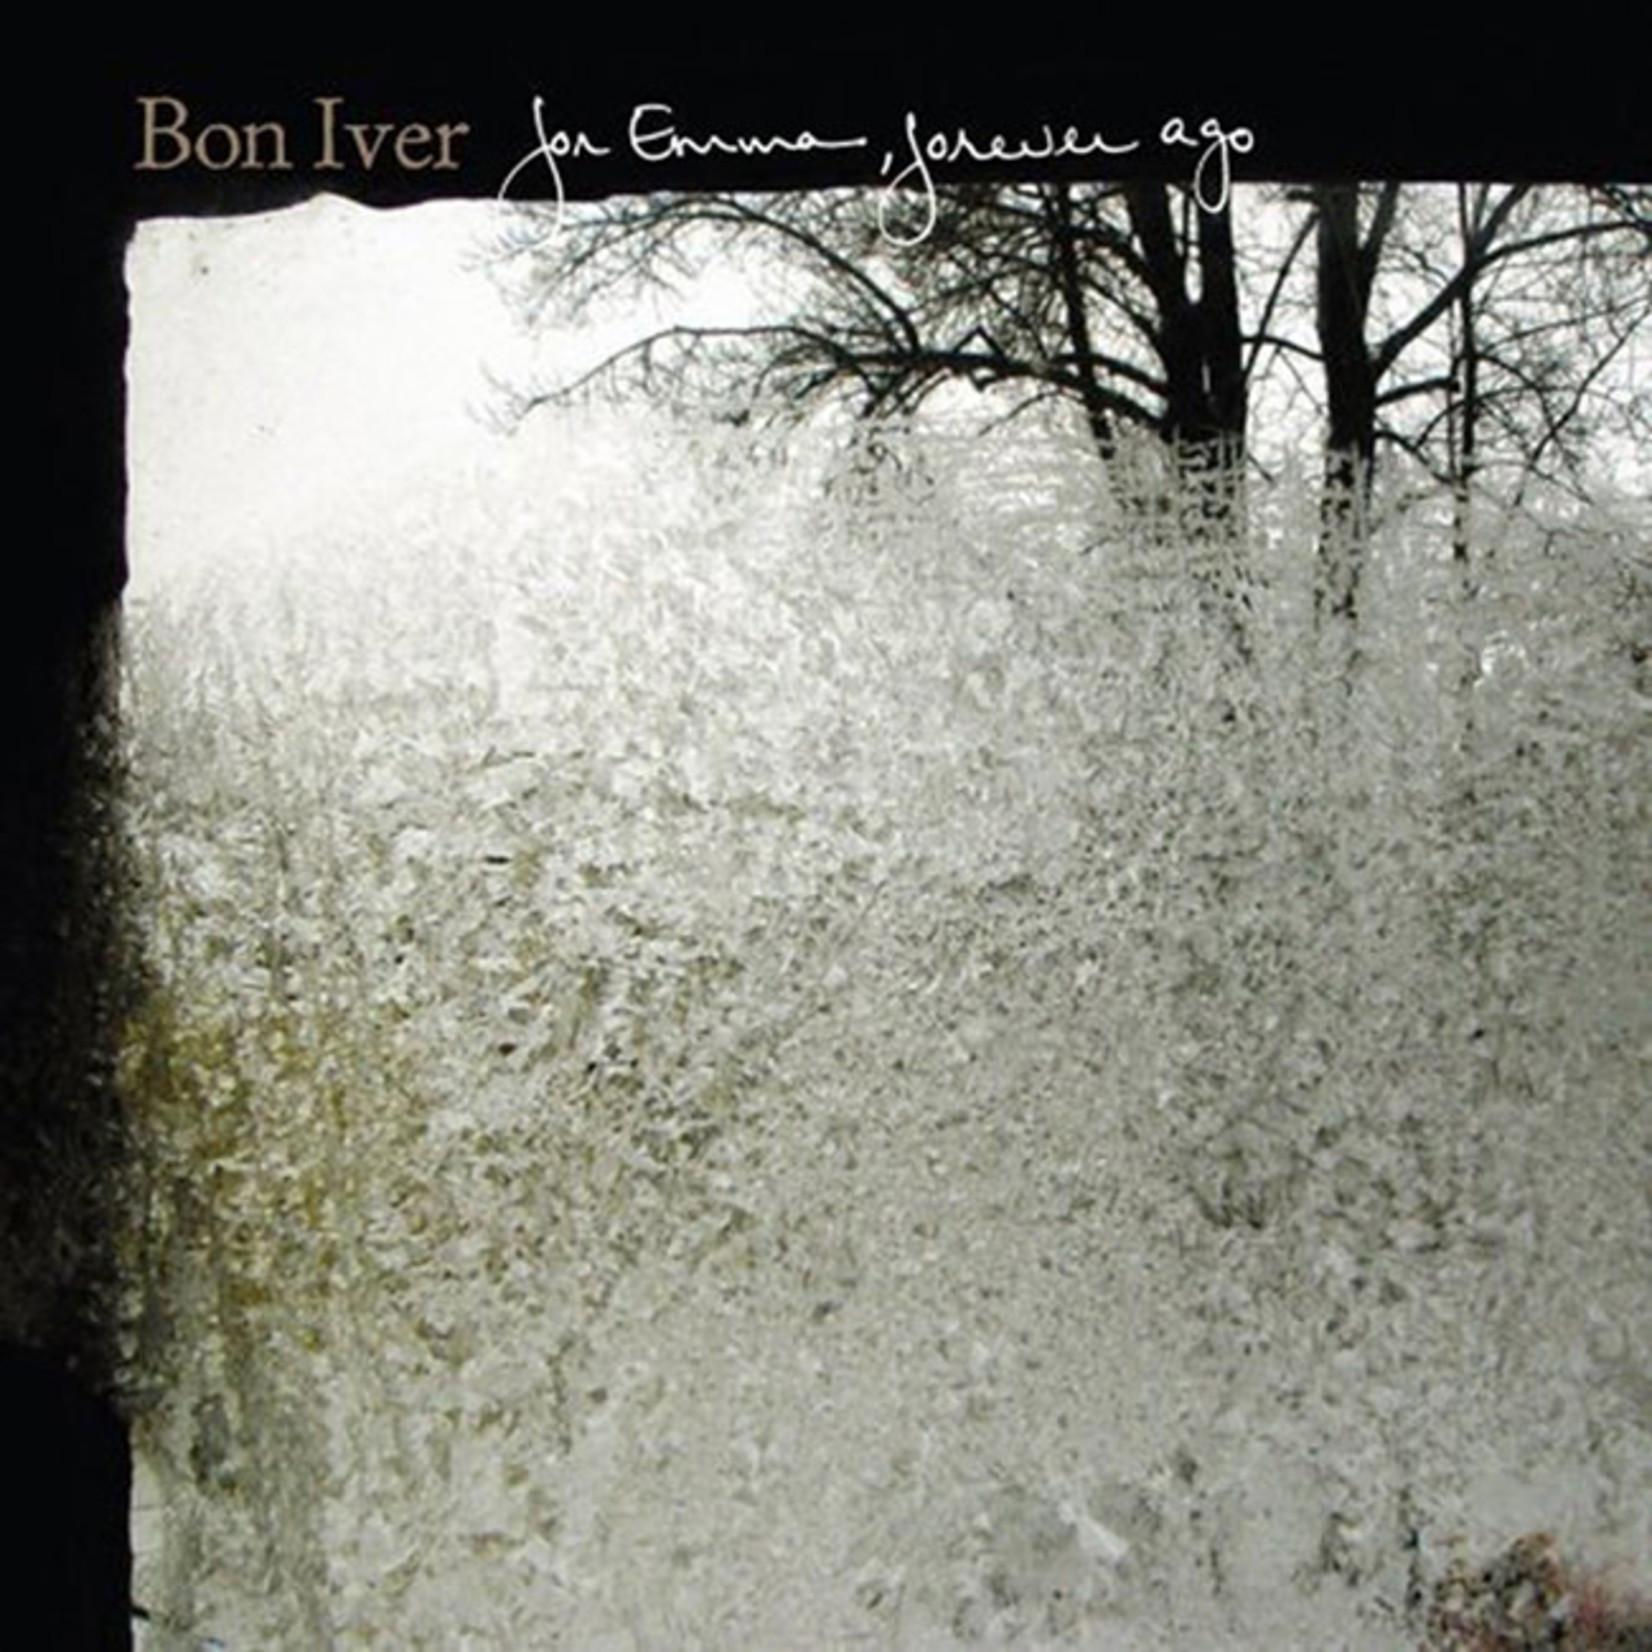 [New] Bon Iver: For Emma, Forever Ago